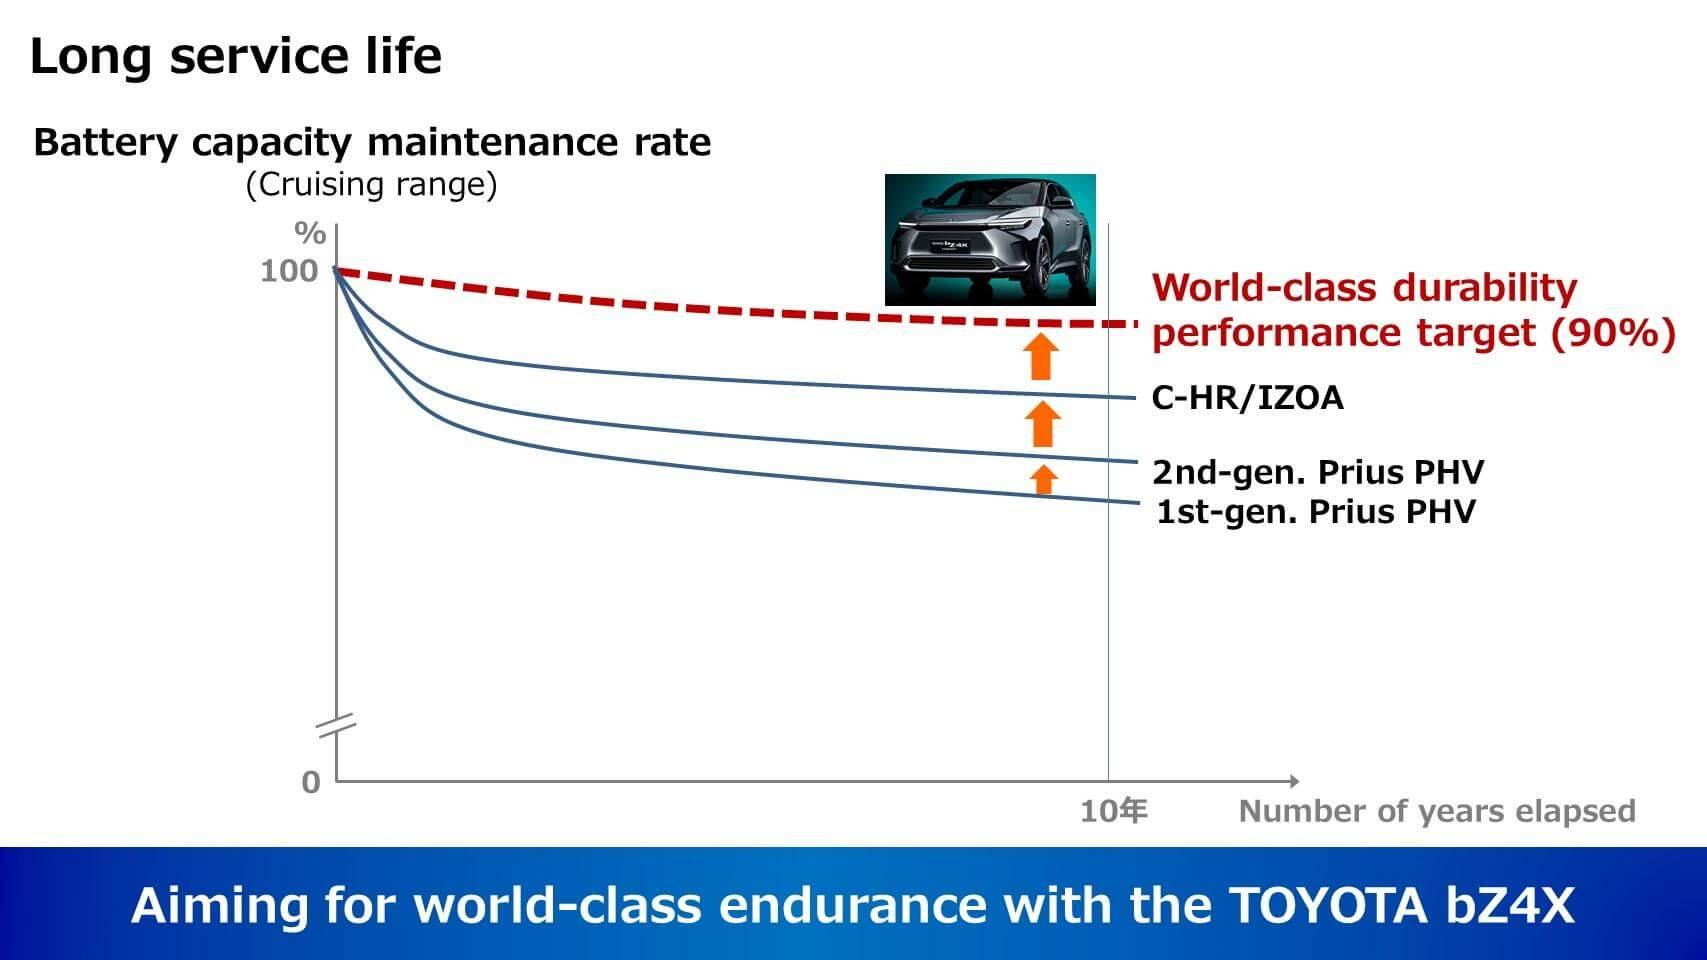 Аккумуляторы будущих электромобилей Toyota сохранят90% начальной емкости через 10лет